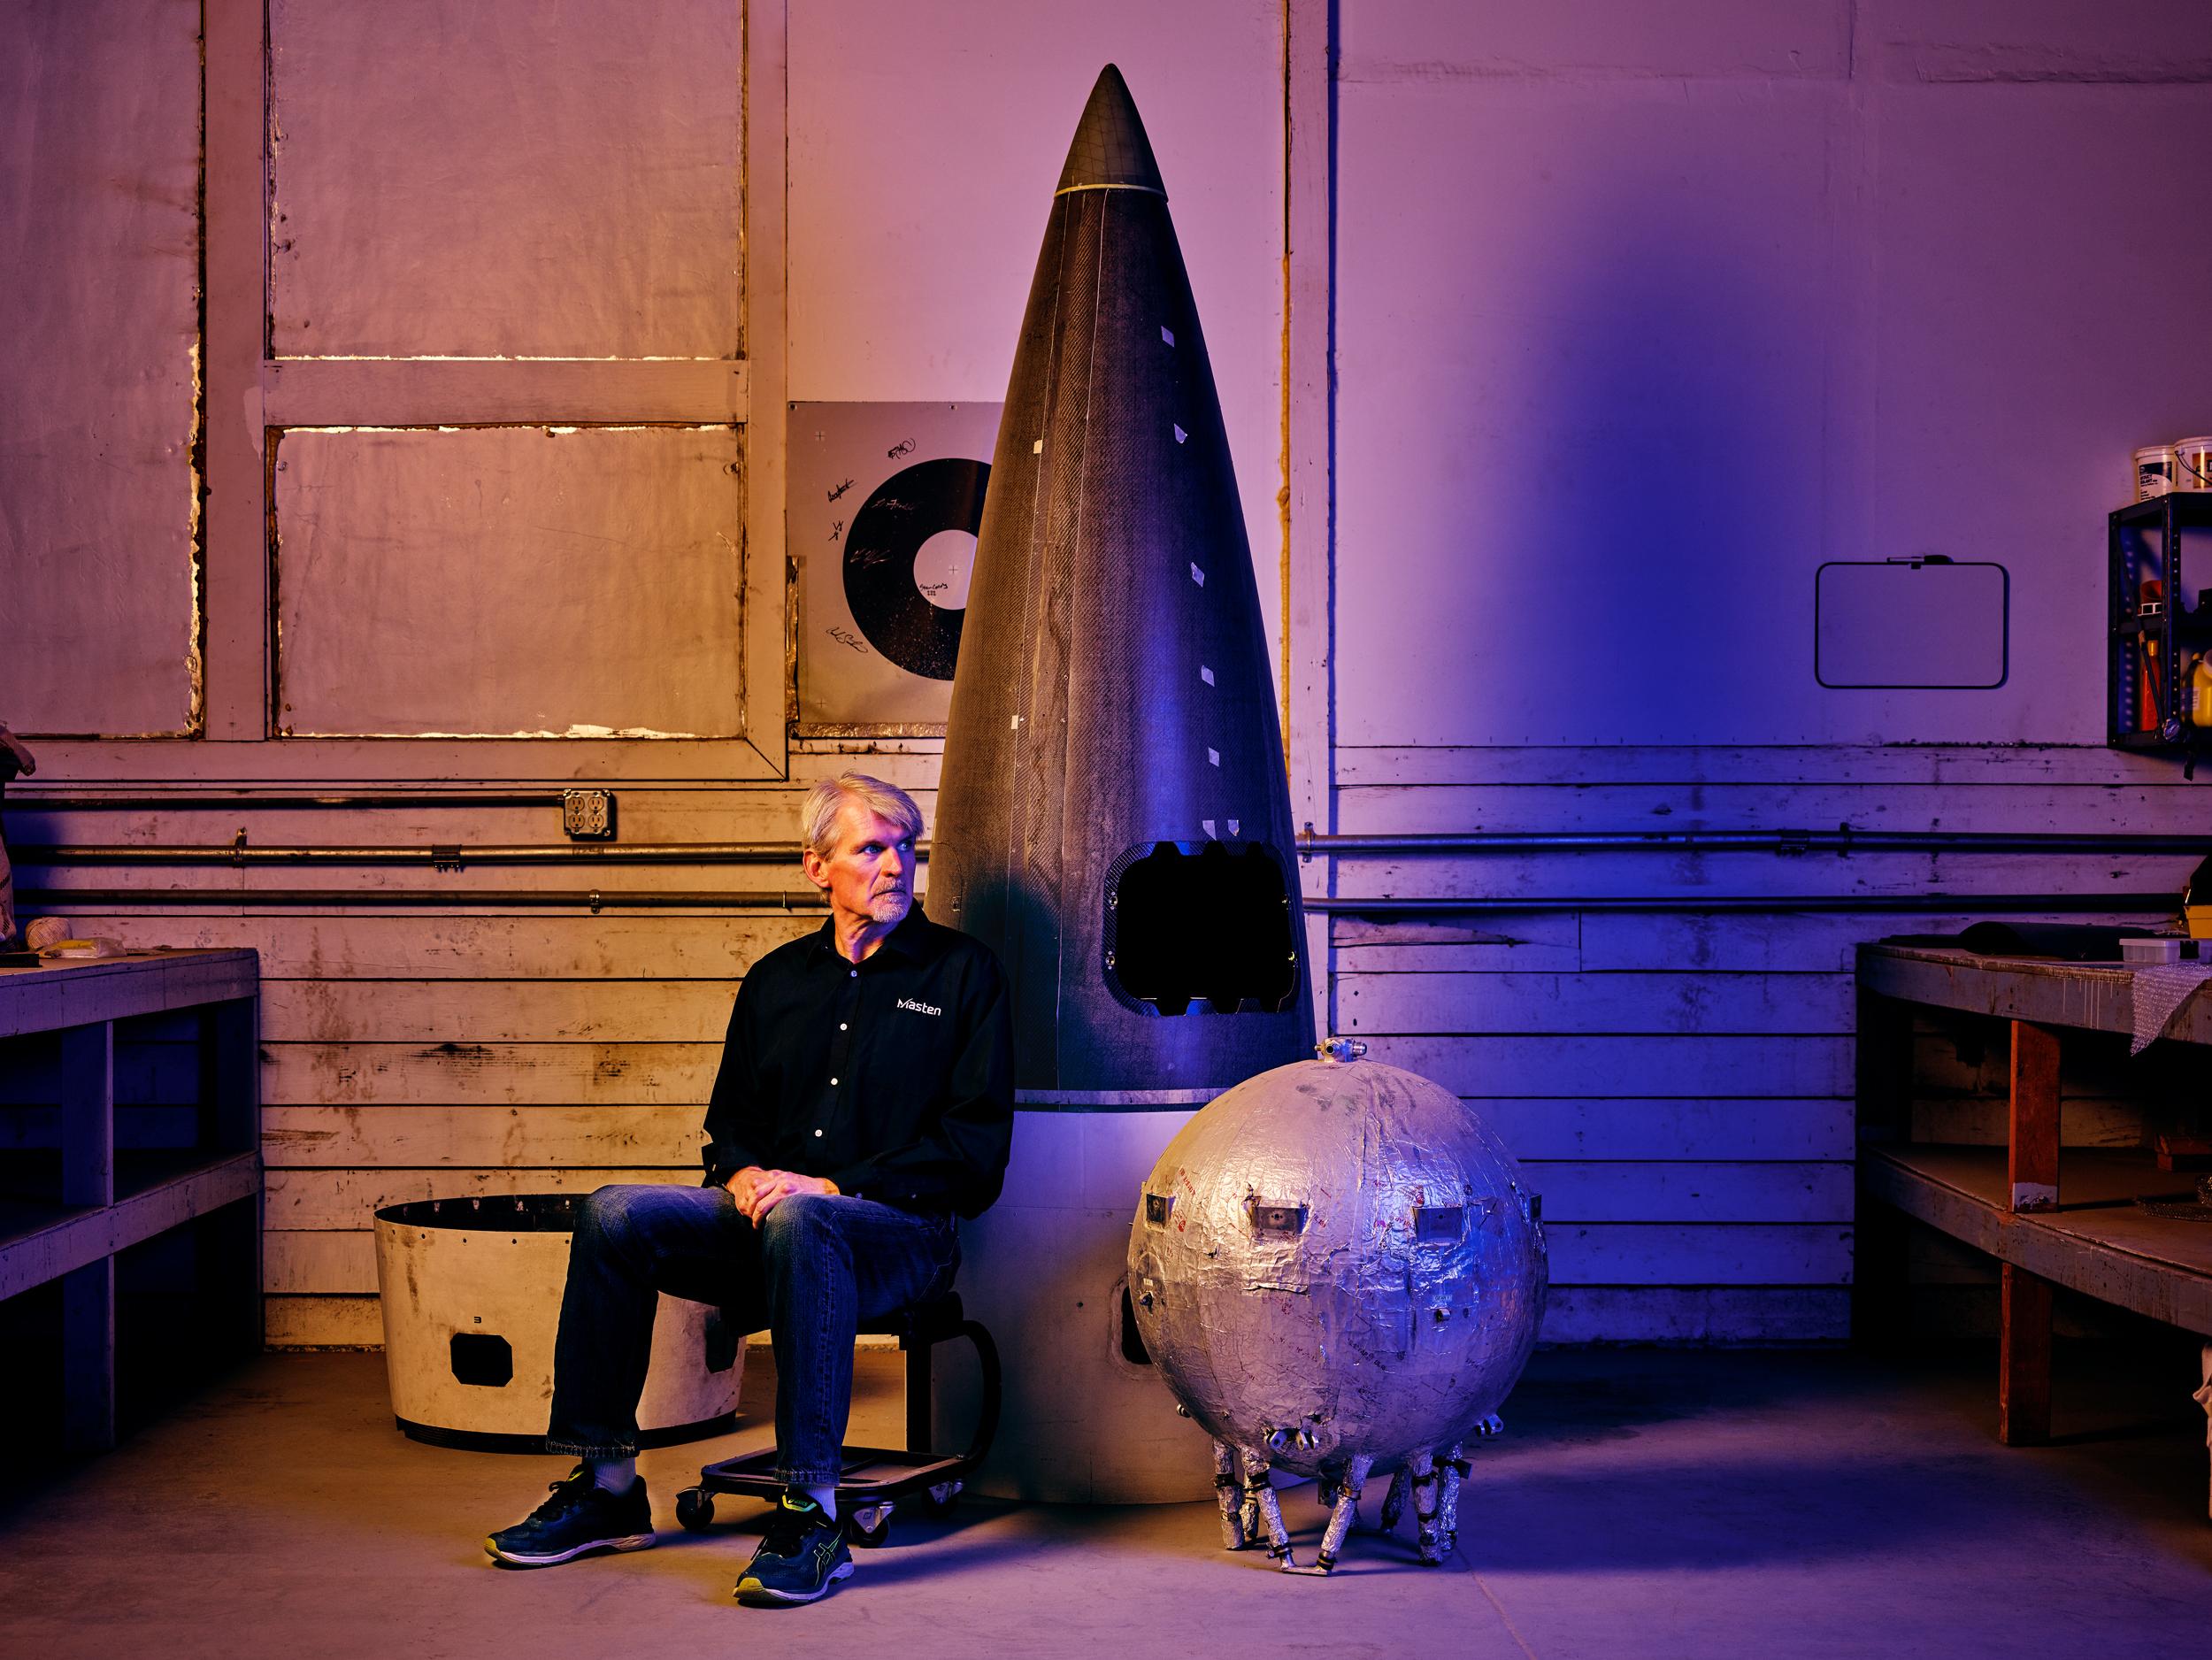 Dave Masten, fundador y CTO de Masten Space Systems